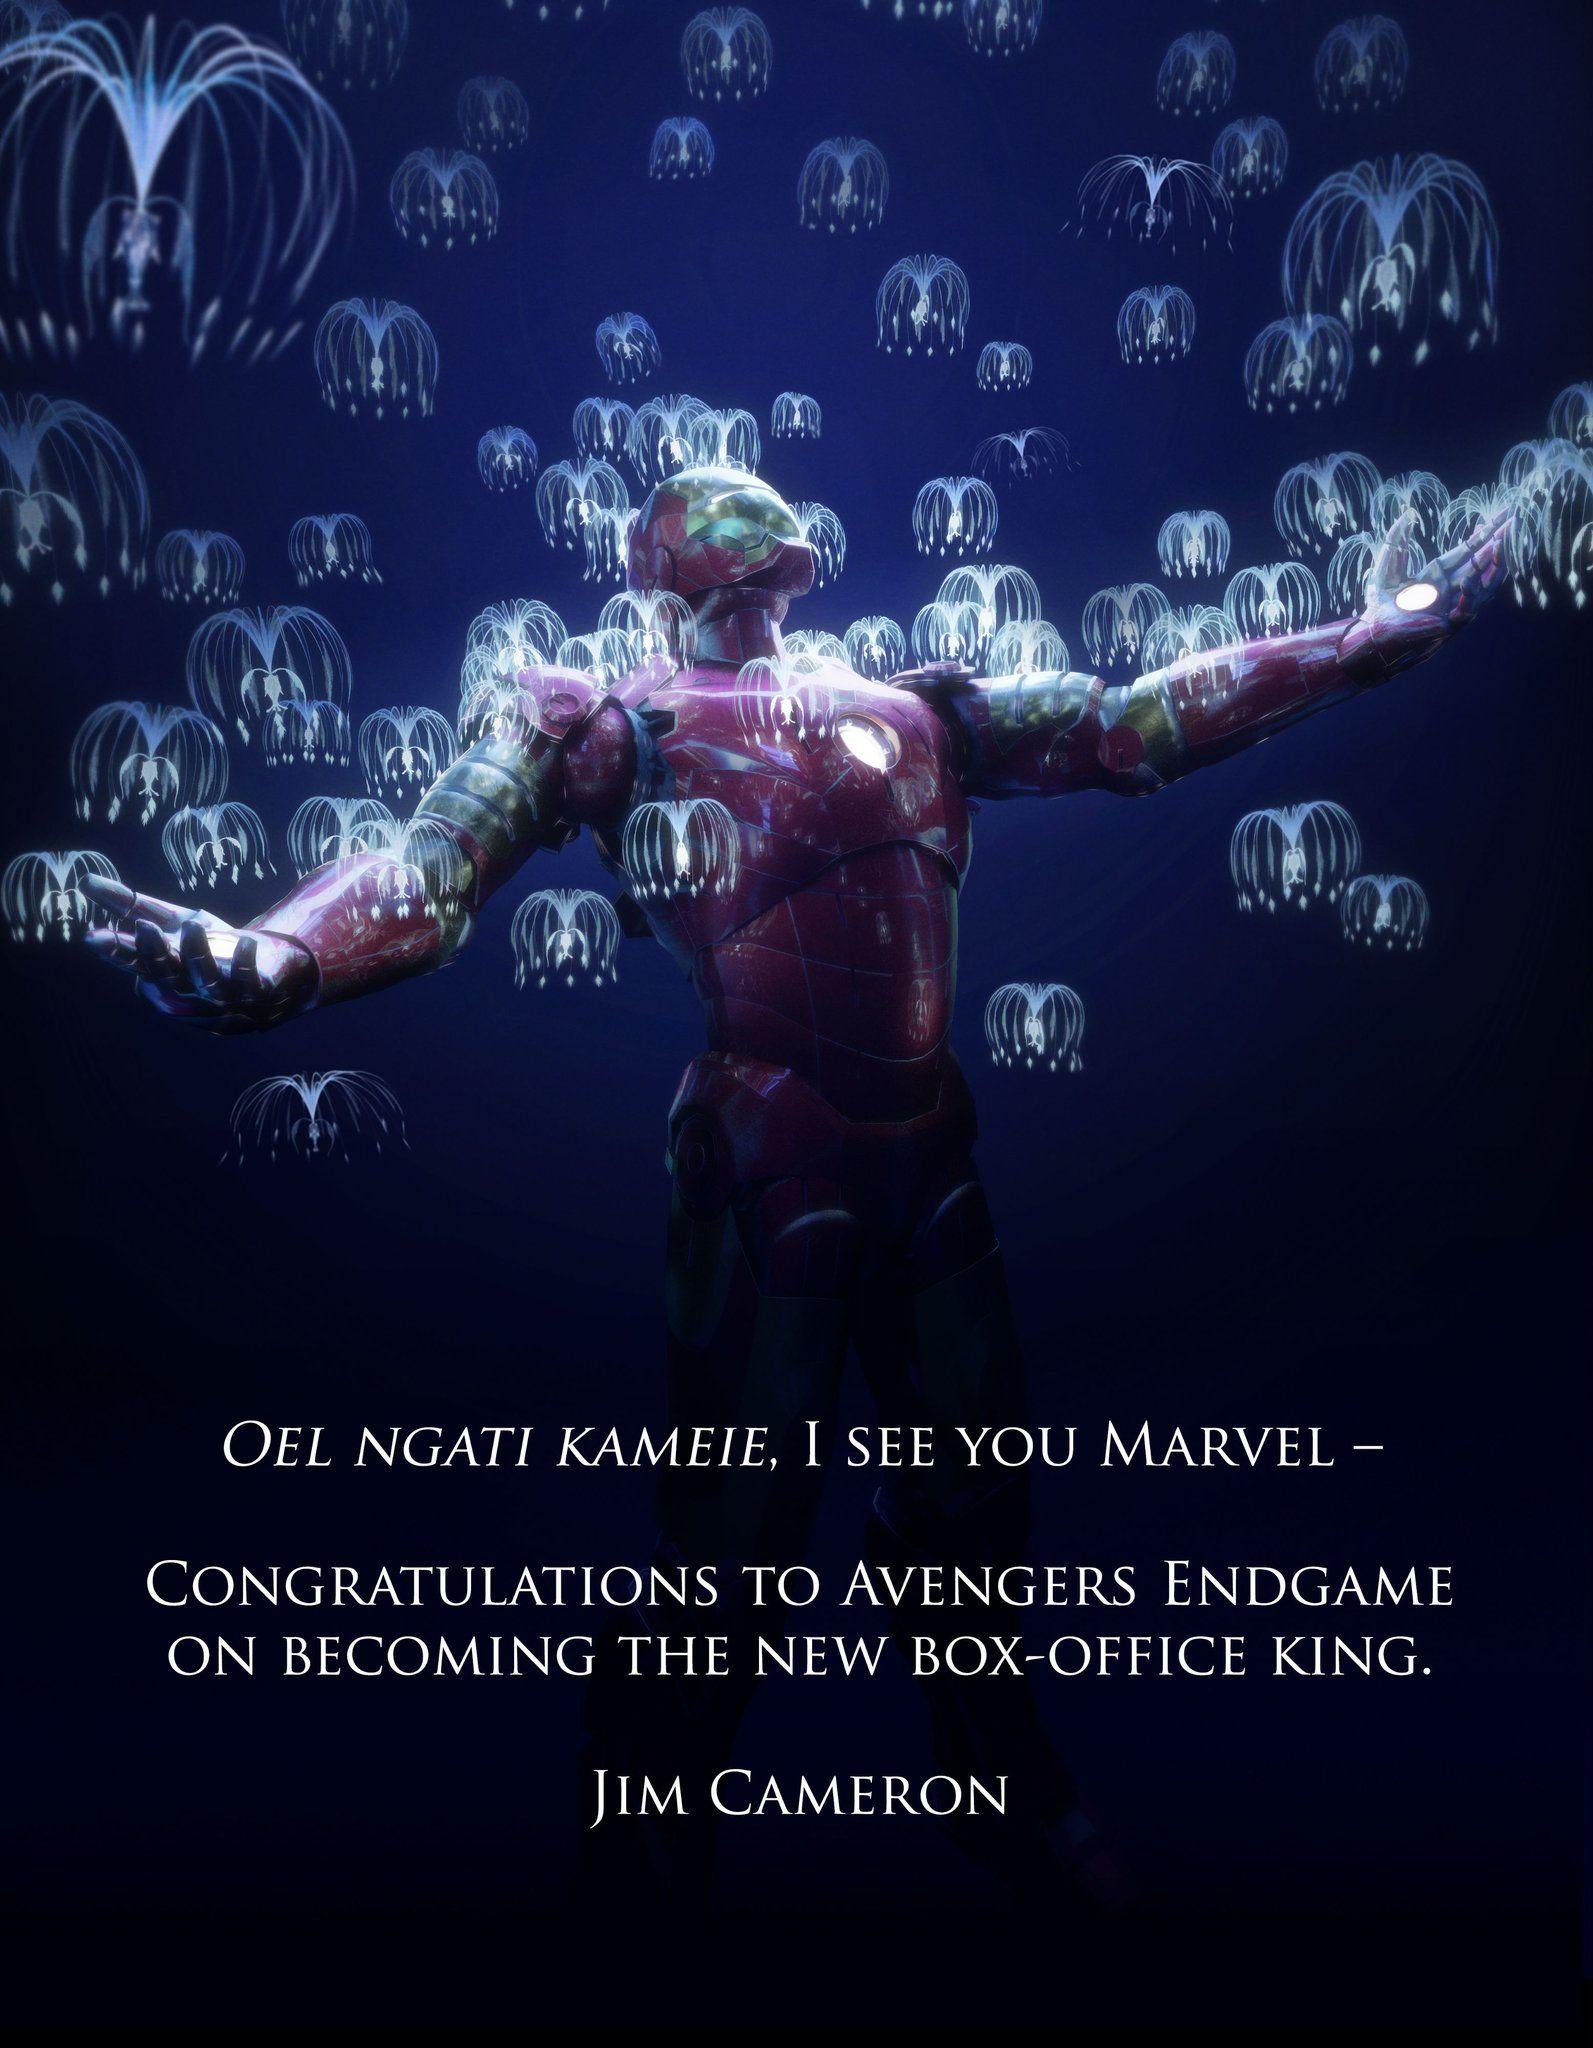 Avengers Endgame, Avatar filminin rekorunu kırmayı başardı